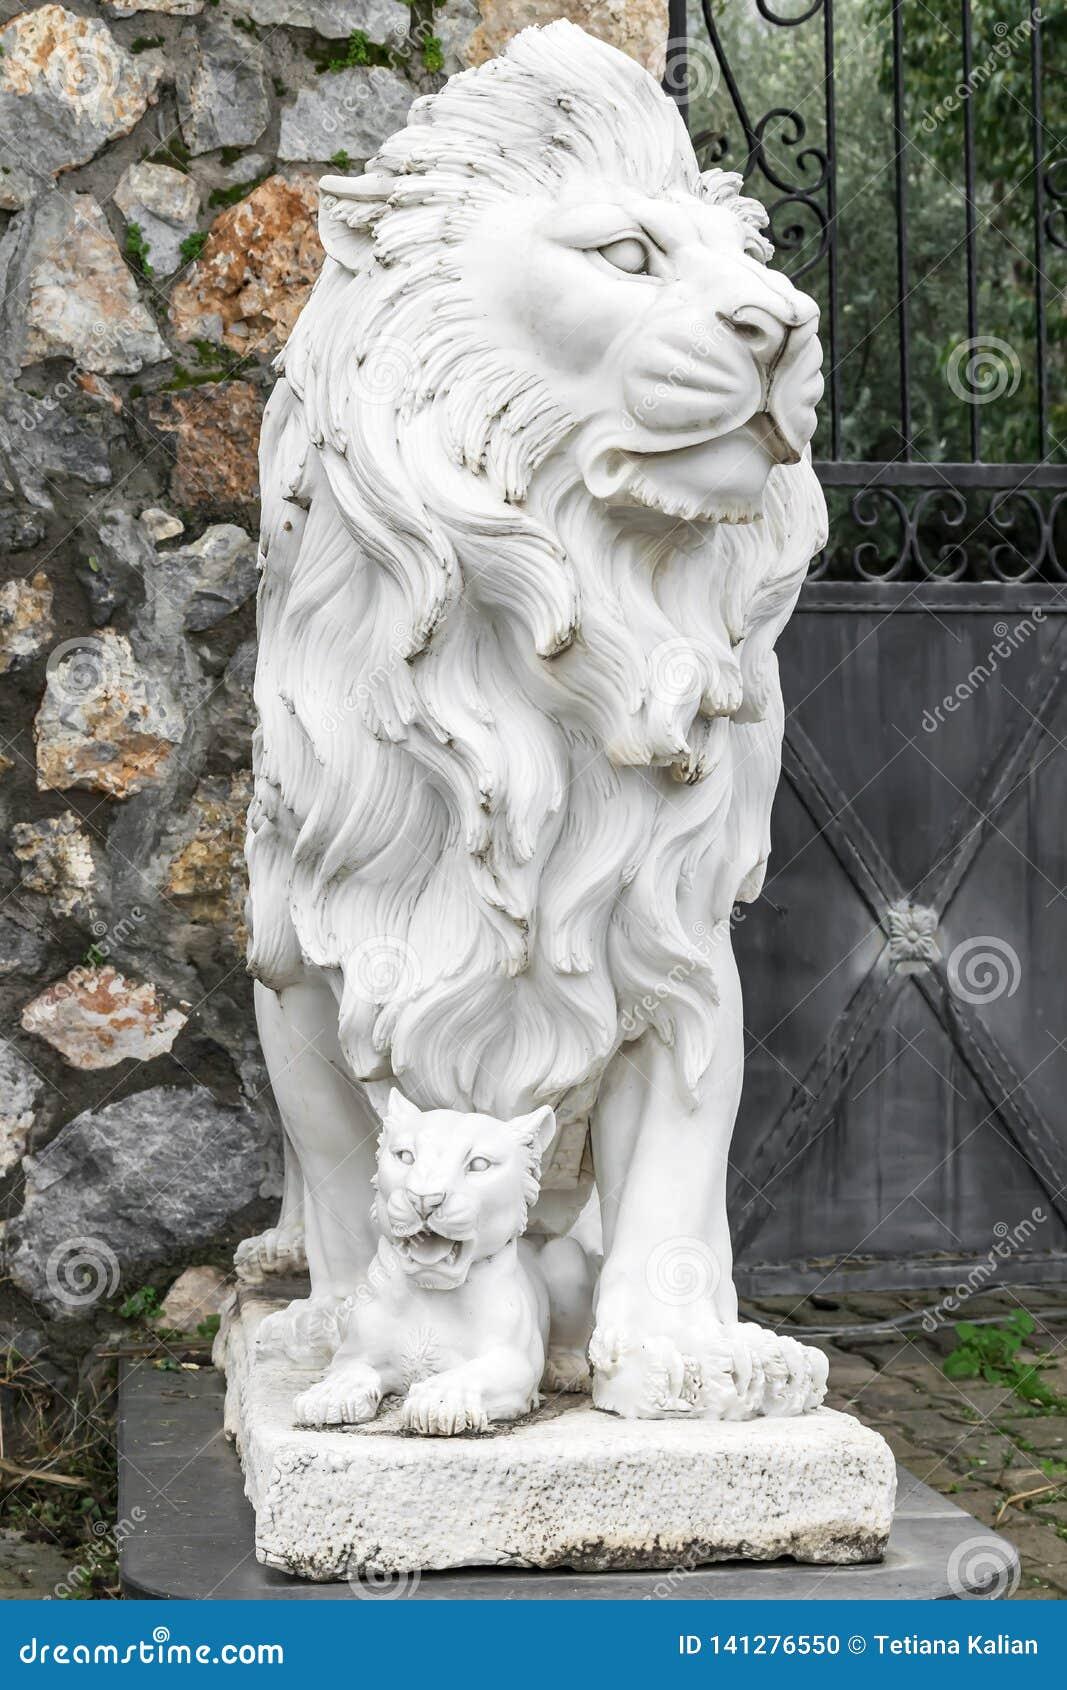 Escultura de la ciudad de un león y de un cachorro de león en la entrada Señal local Front View